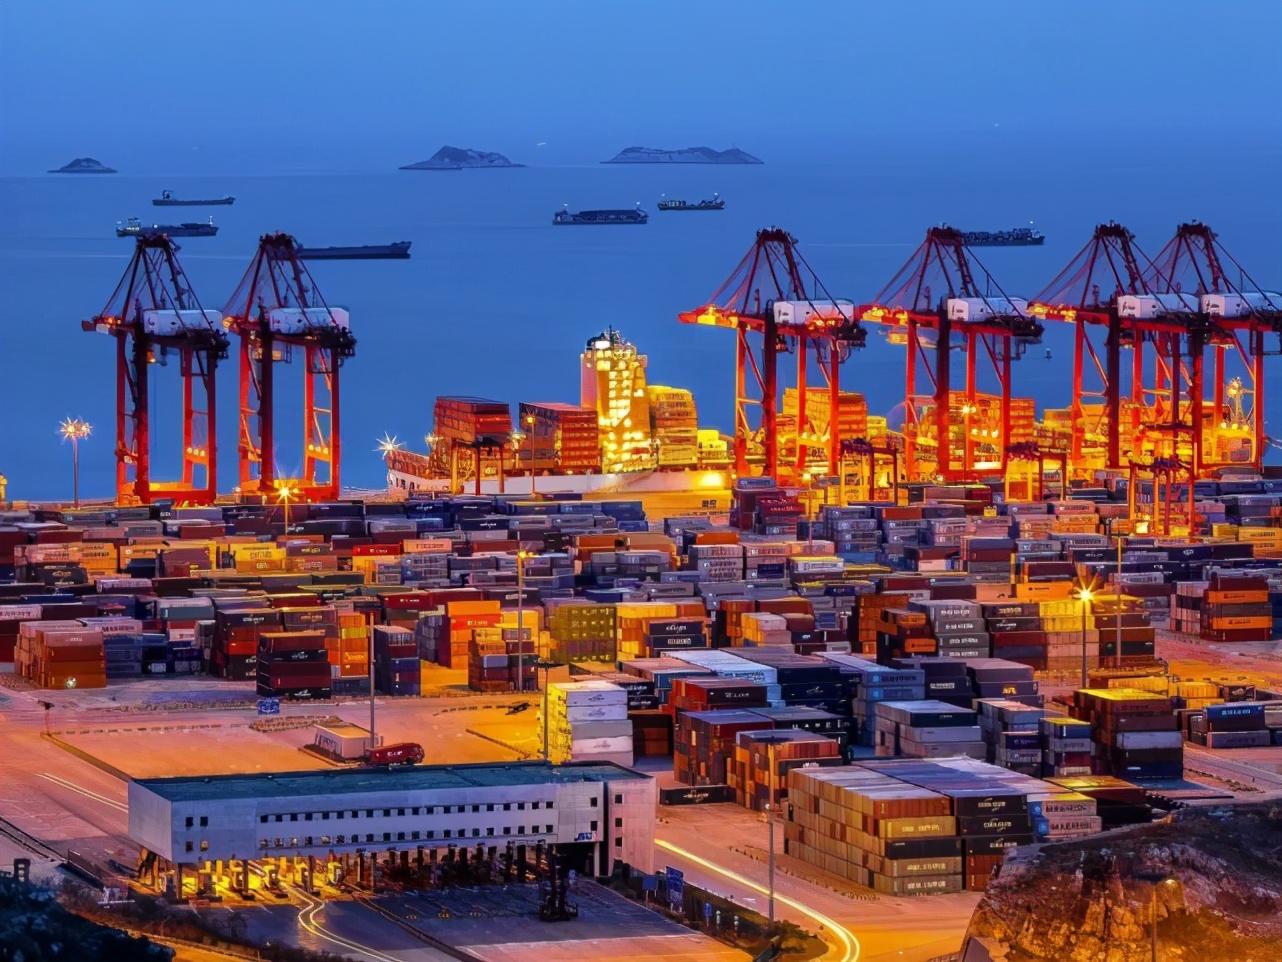 中国超巨型工业化有多难被复制?20万亿美元只是硬件